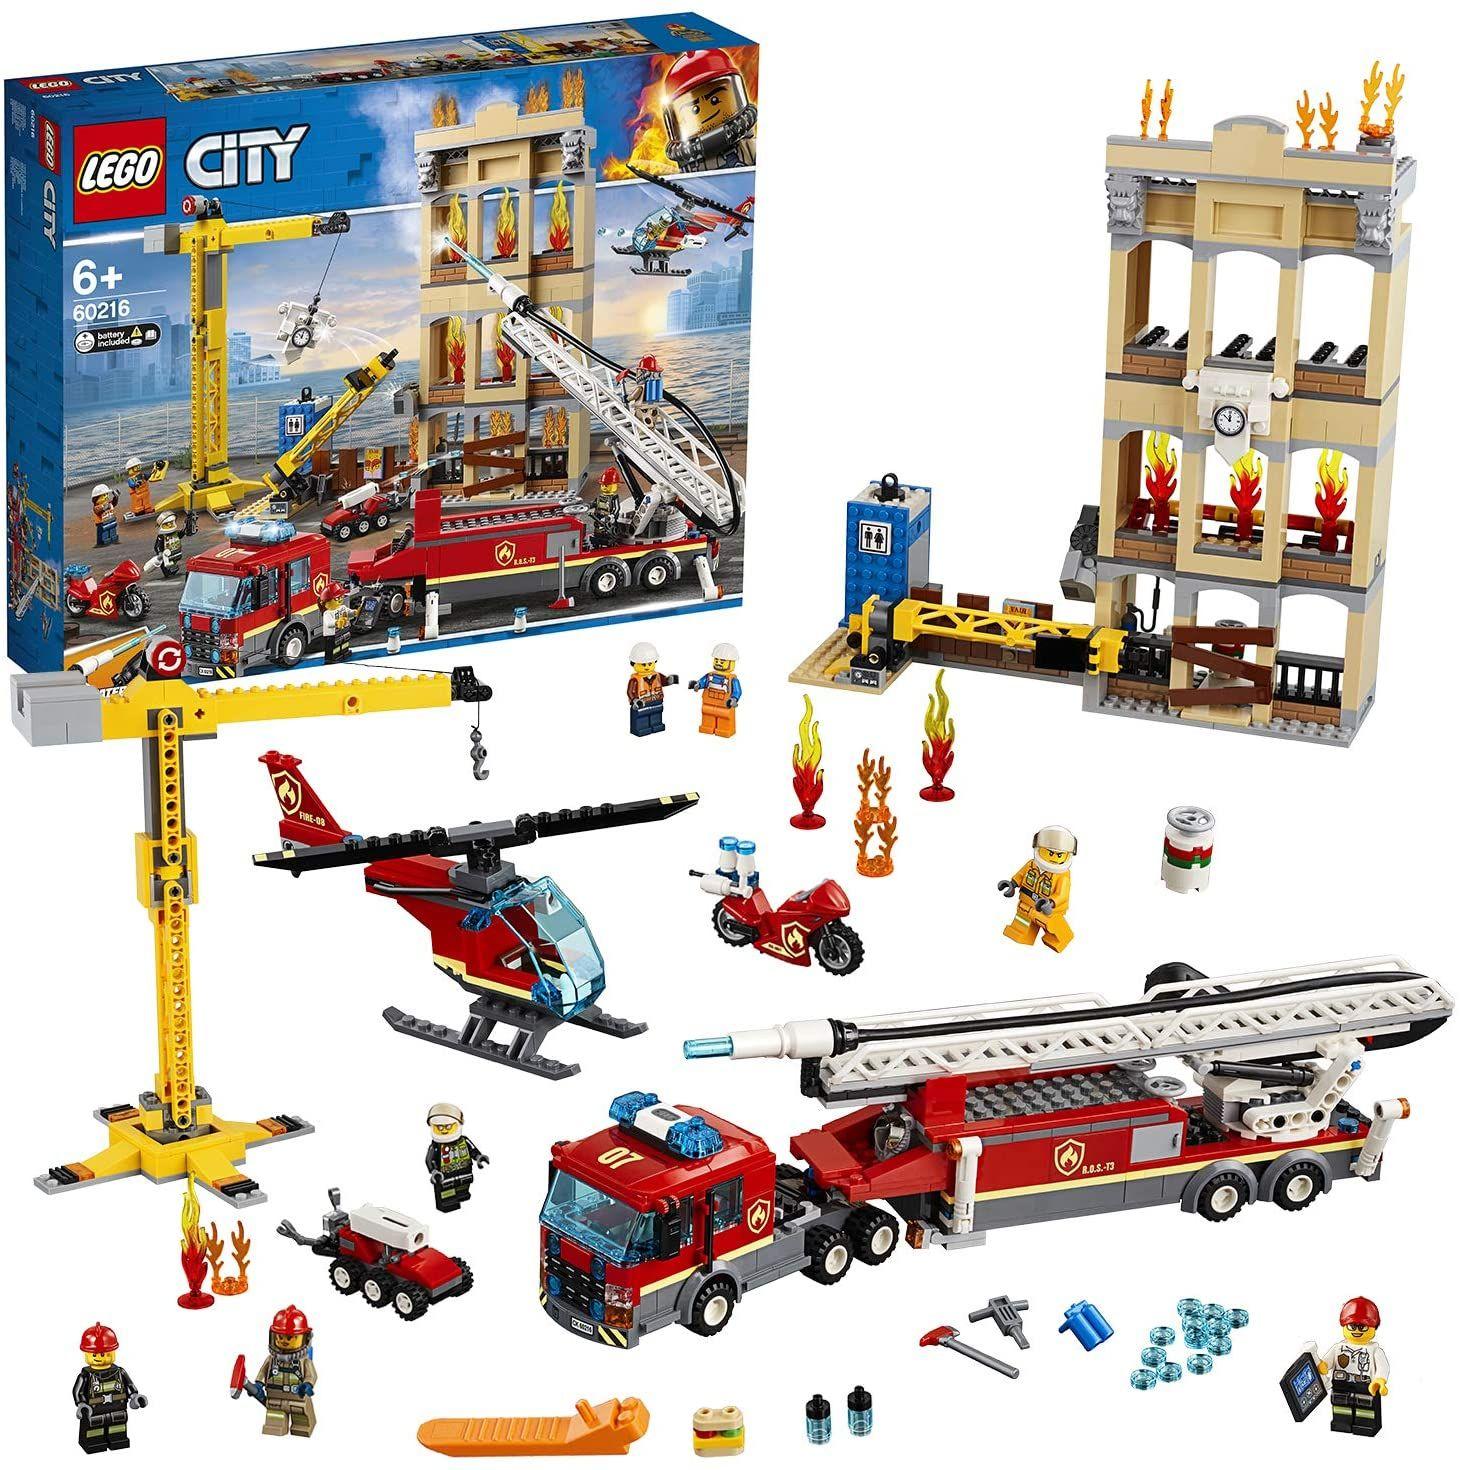 LEGO City Bausatz 60216 Feuerwehr in der Stadt (943 Teile)